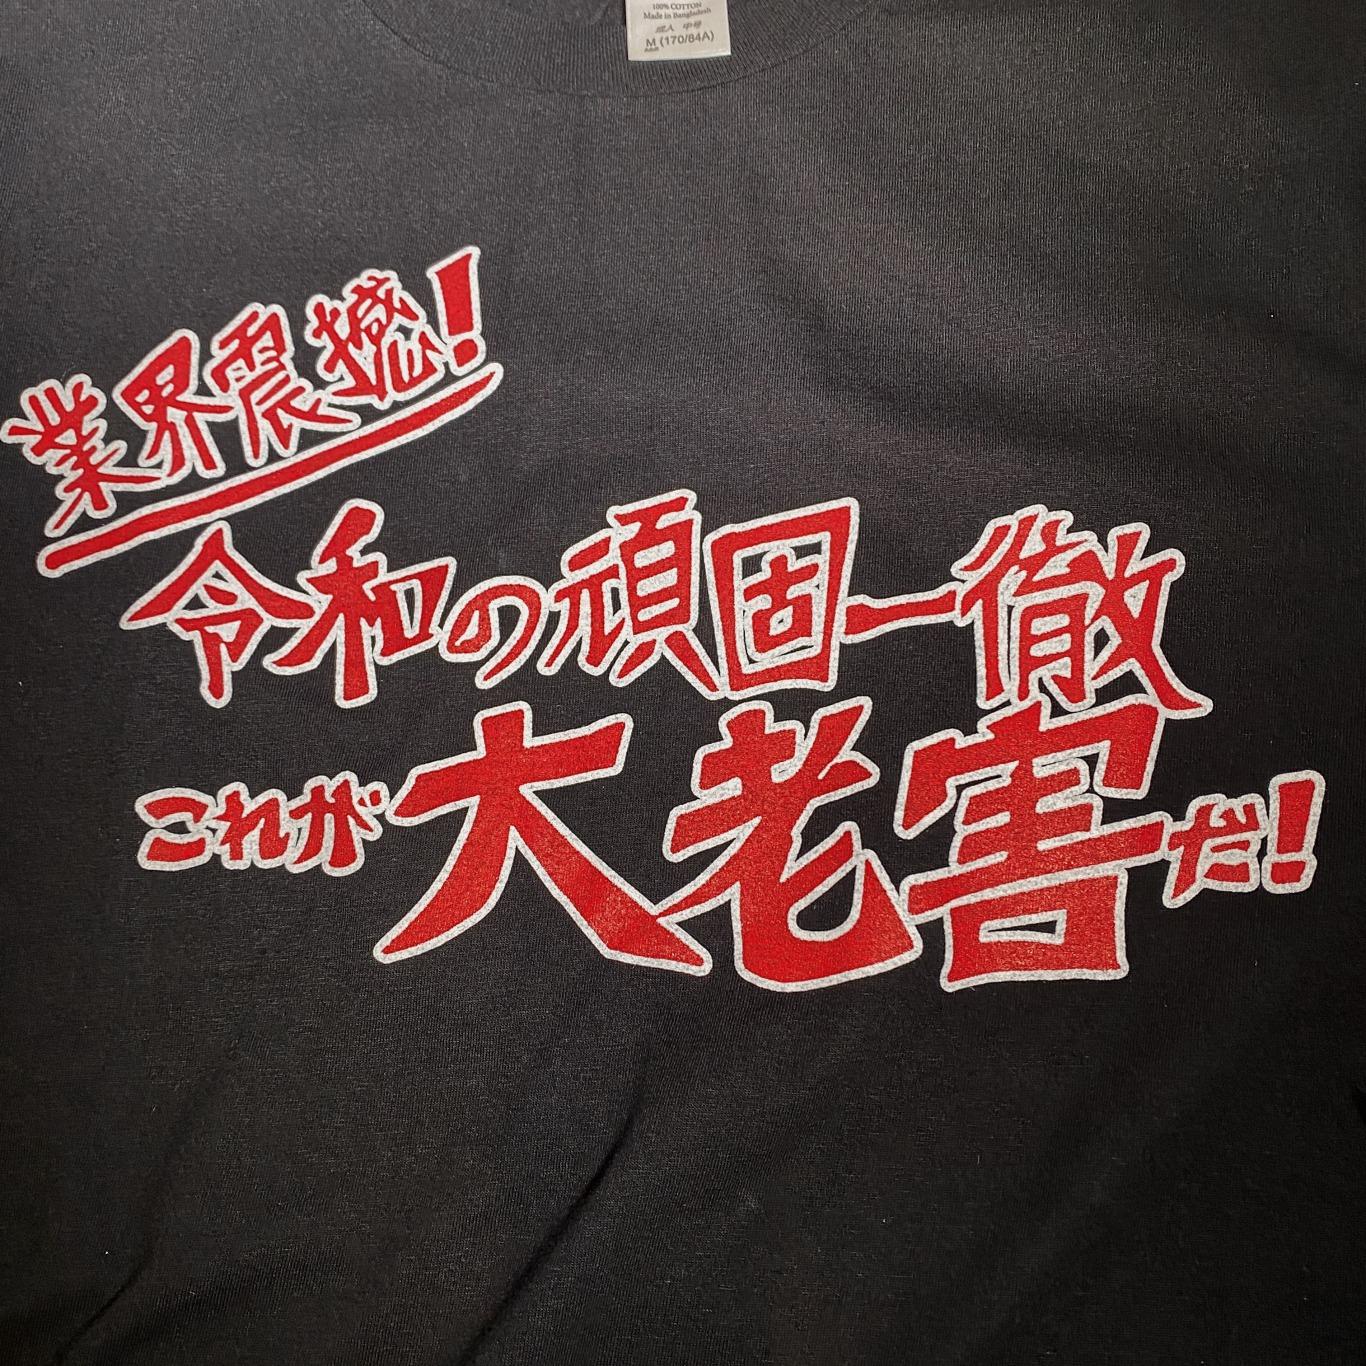 [今月のお買い得品] 【XXLサイズ】DDT 大老害 Tシャツ